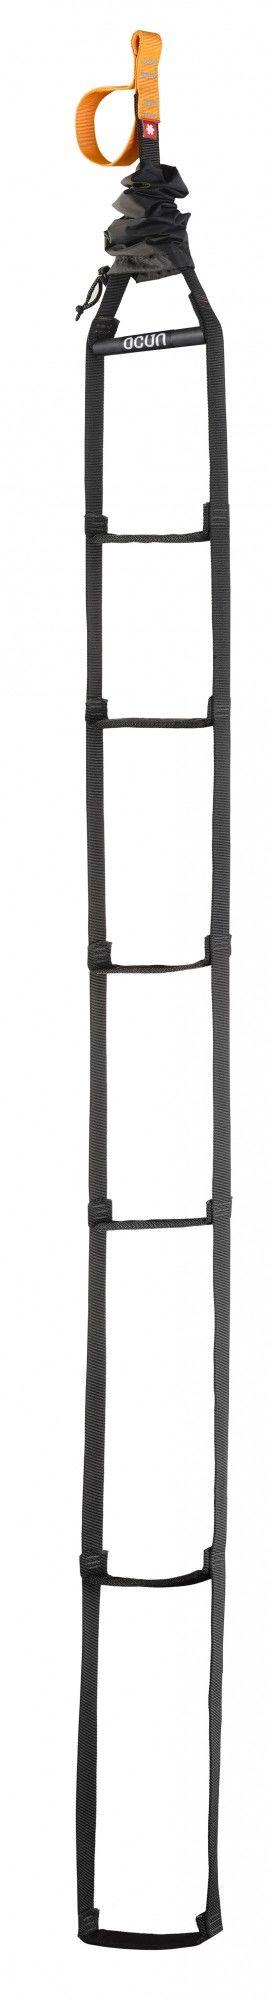 Ocun Ladder H Step | Größe 181 cm |  Kletterausrüstung